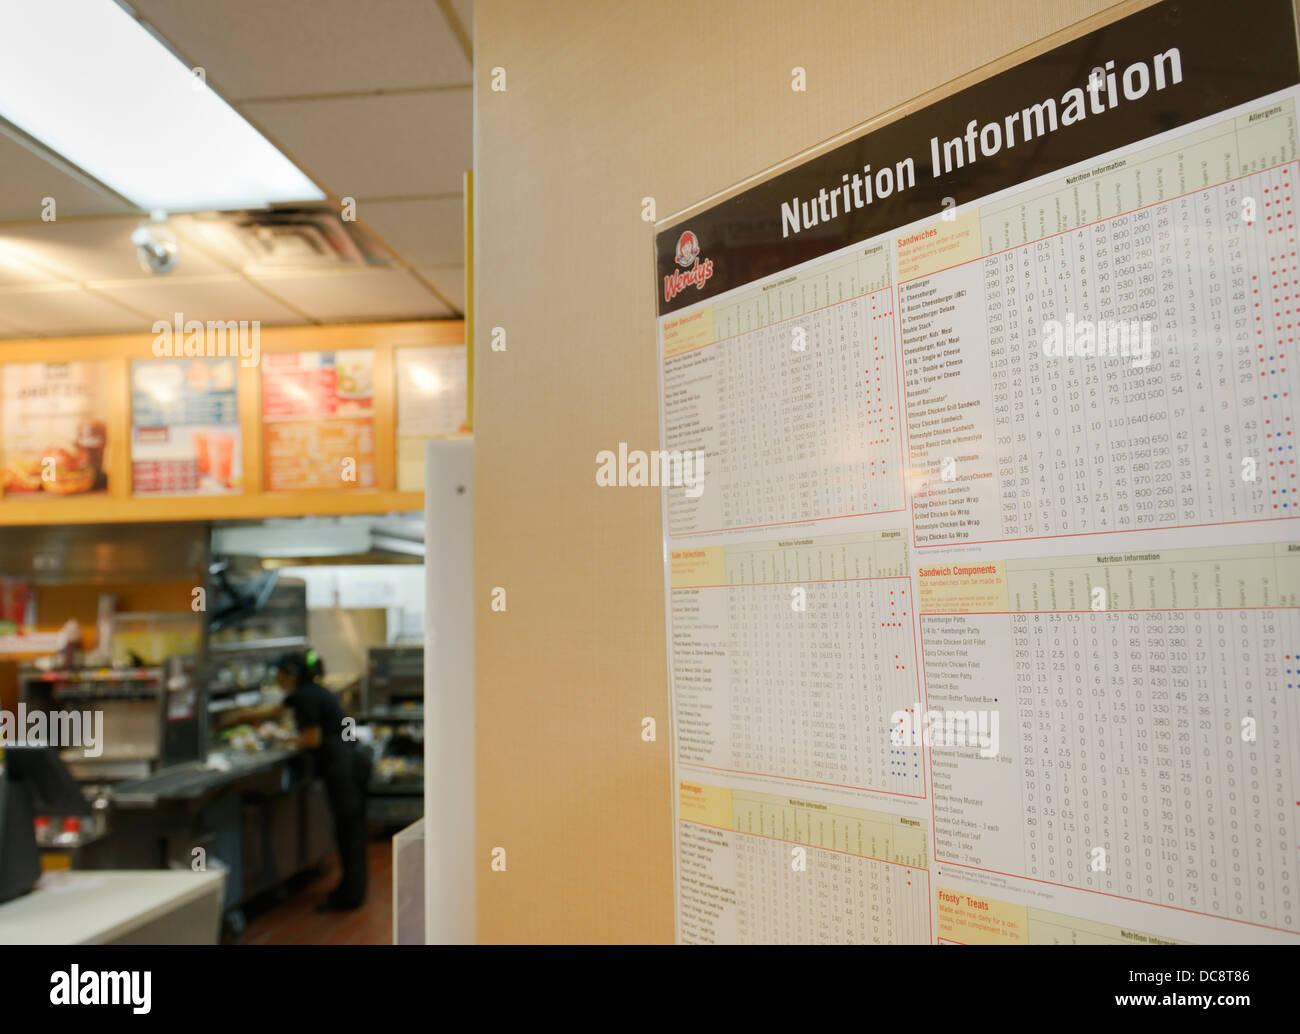 Informazioni nutrizionali distacco presso un ristorante fast food, NJ, Stati Uniti d'America Immagini Stock